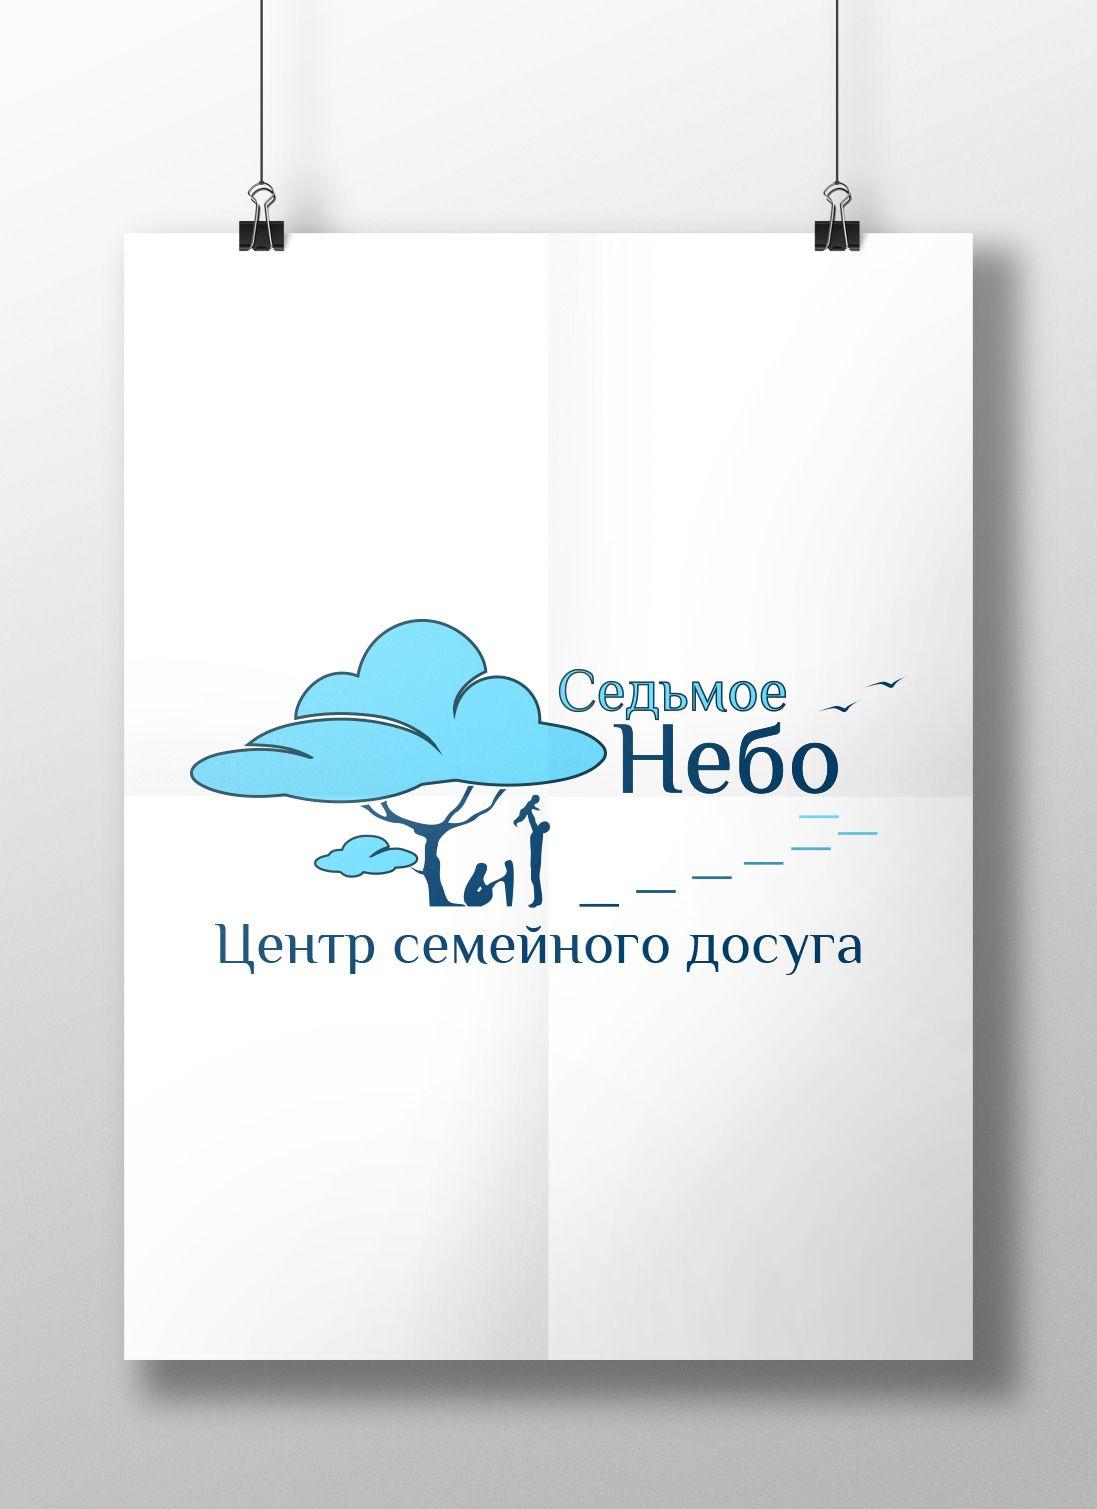 """Логотип """"Седьмое небо"""""""